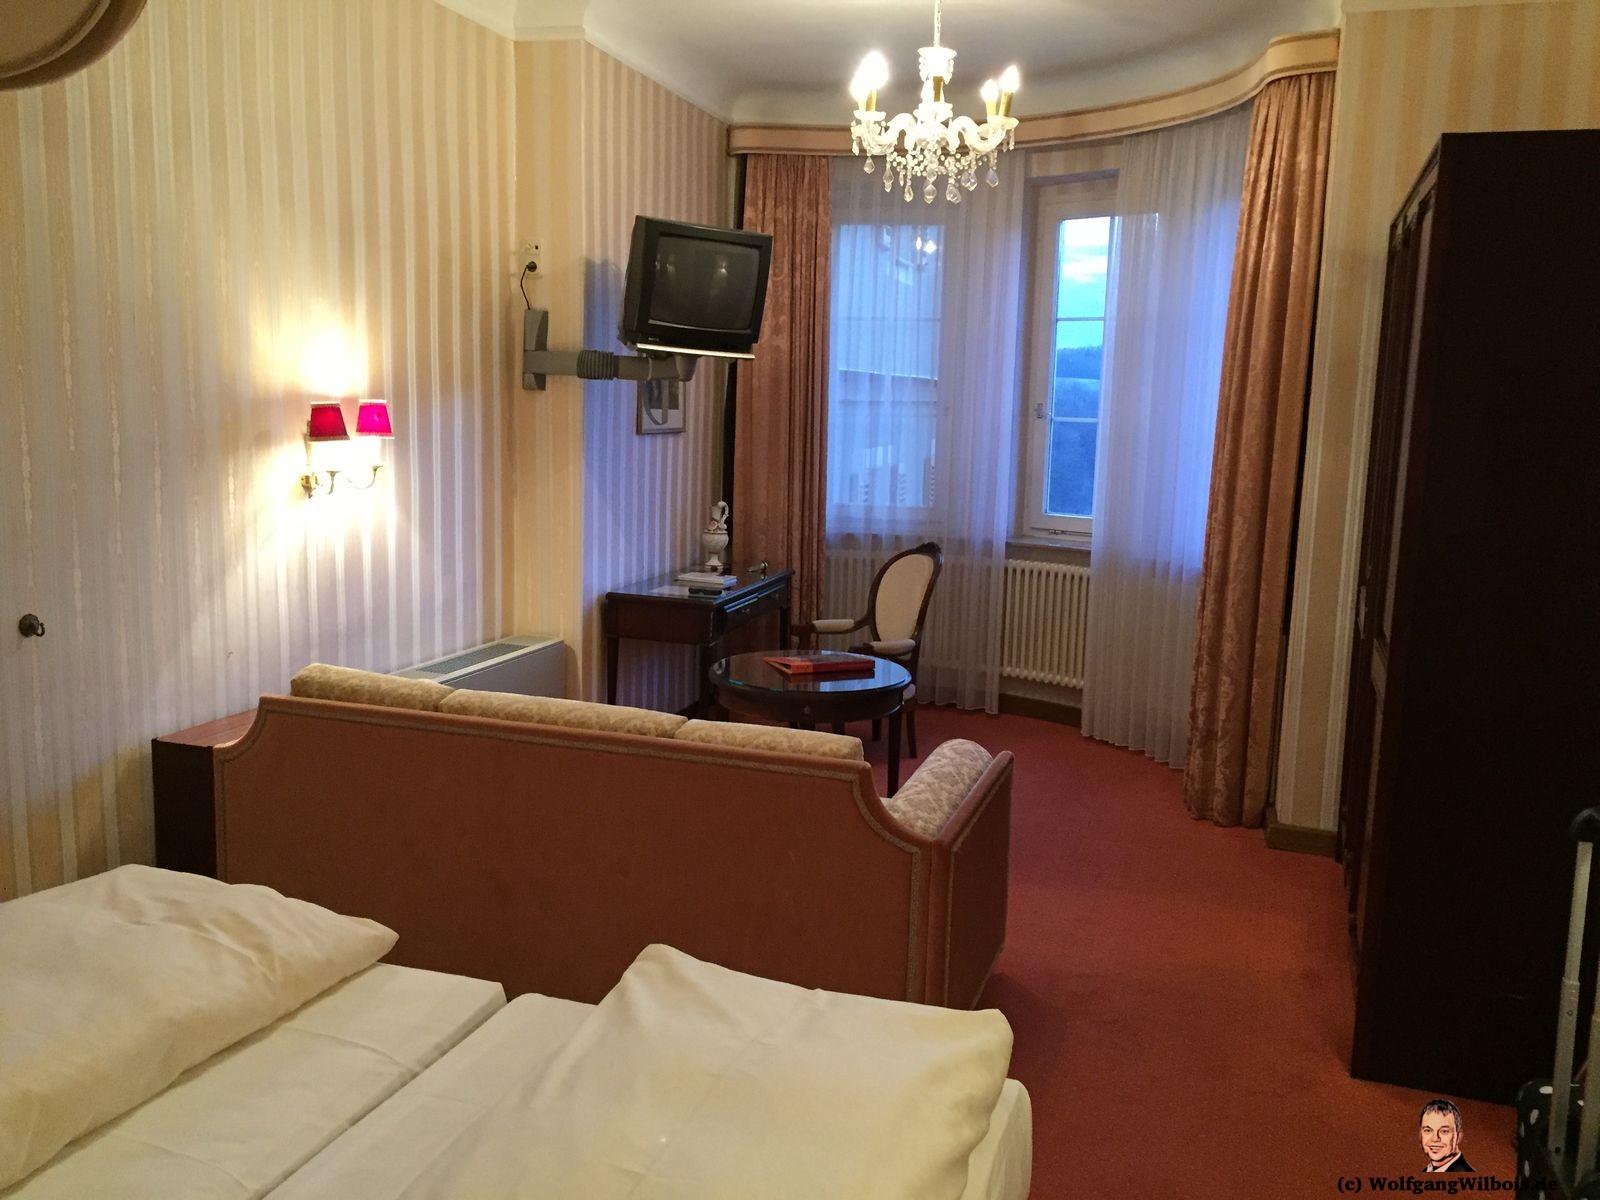 Hotel Goldener Hirsch Rothenburg ob der Tauber